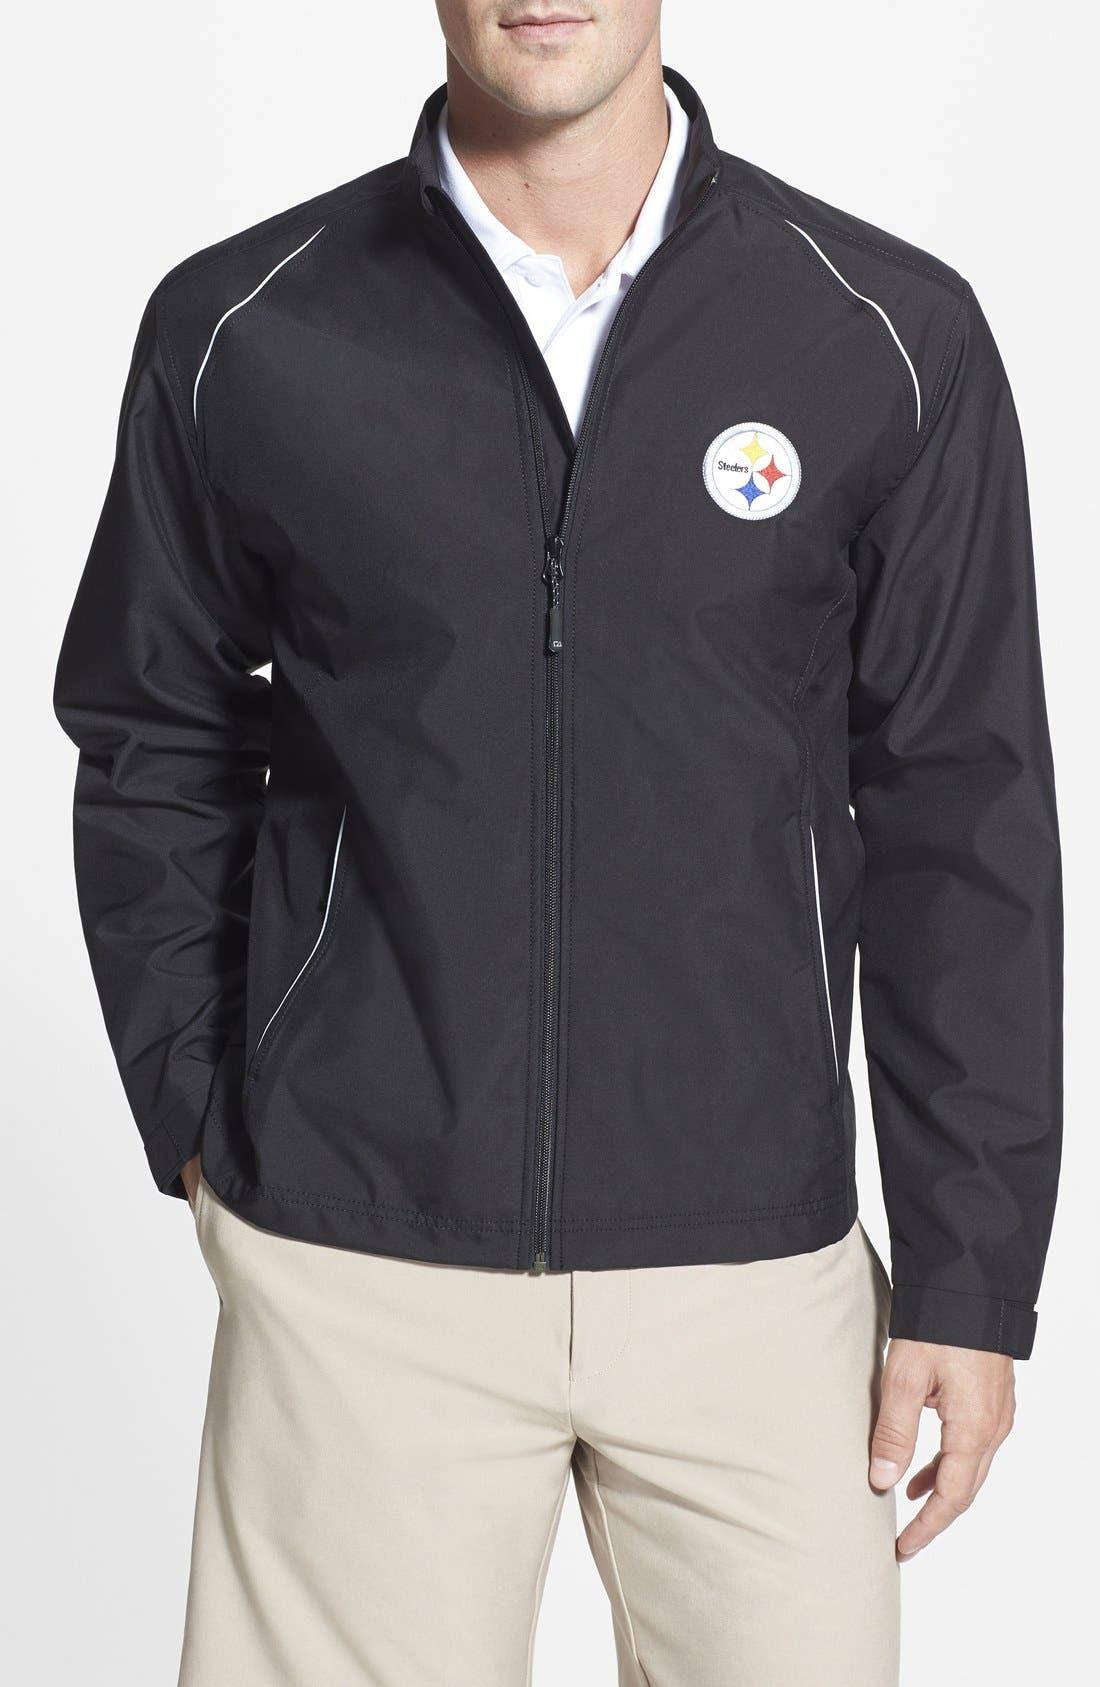 Pittsburgh Steelers - Beacon WeatherTec Wind & Water Resistant Jacket,                         Main,                         color, Black